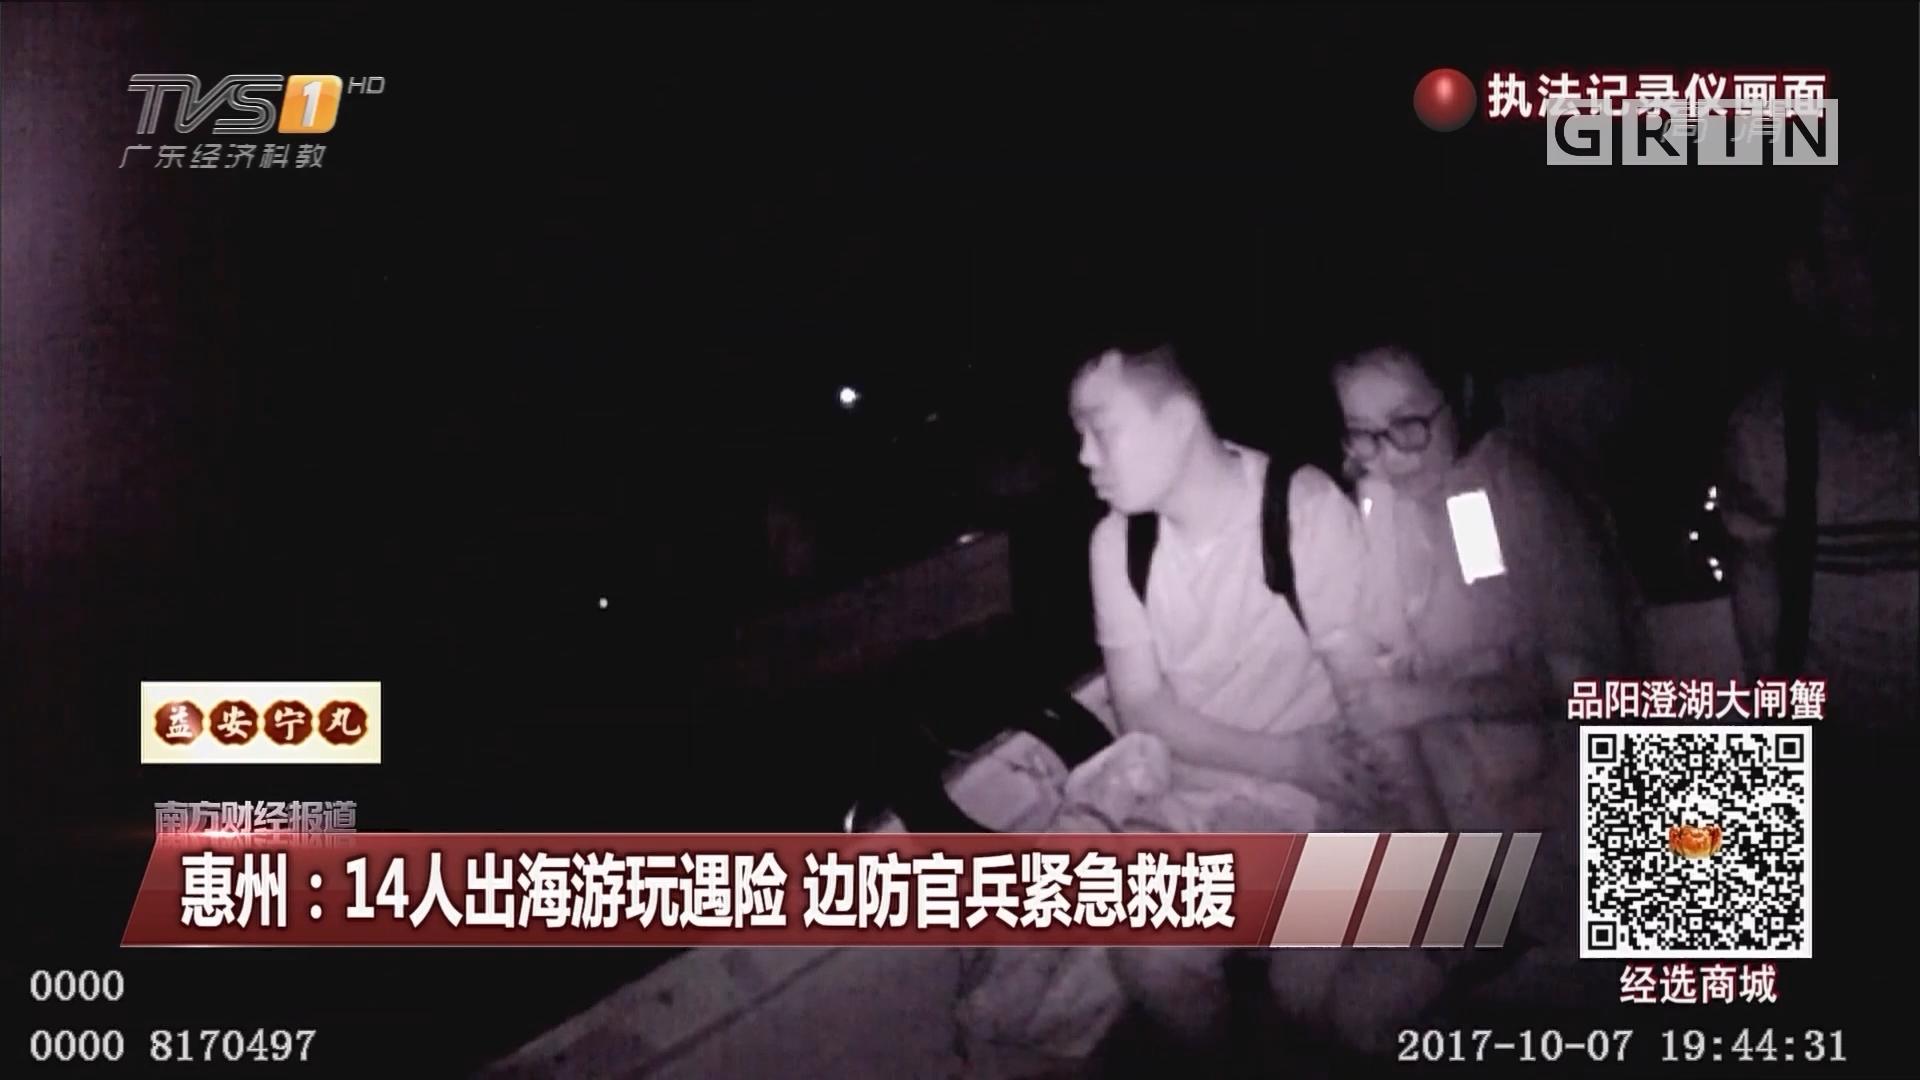 惠州:14人出海游玩遇险 边防官兵紧急救援